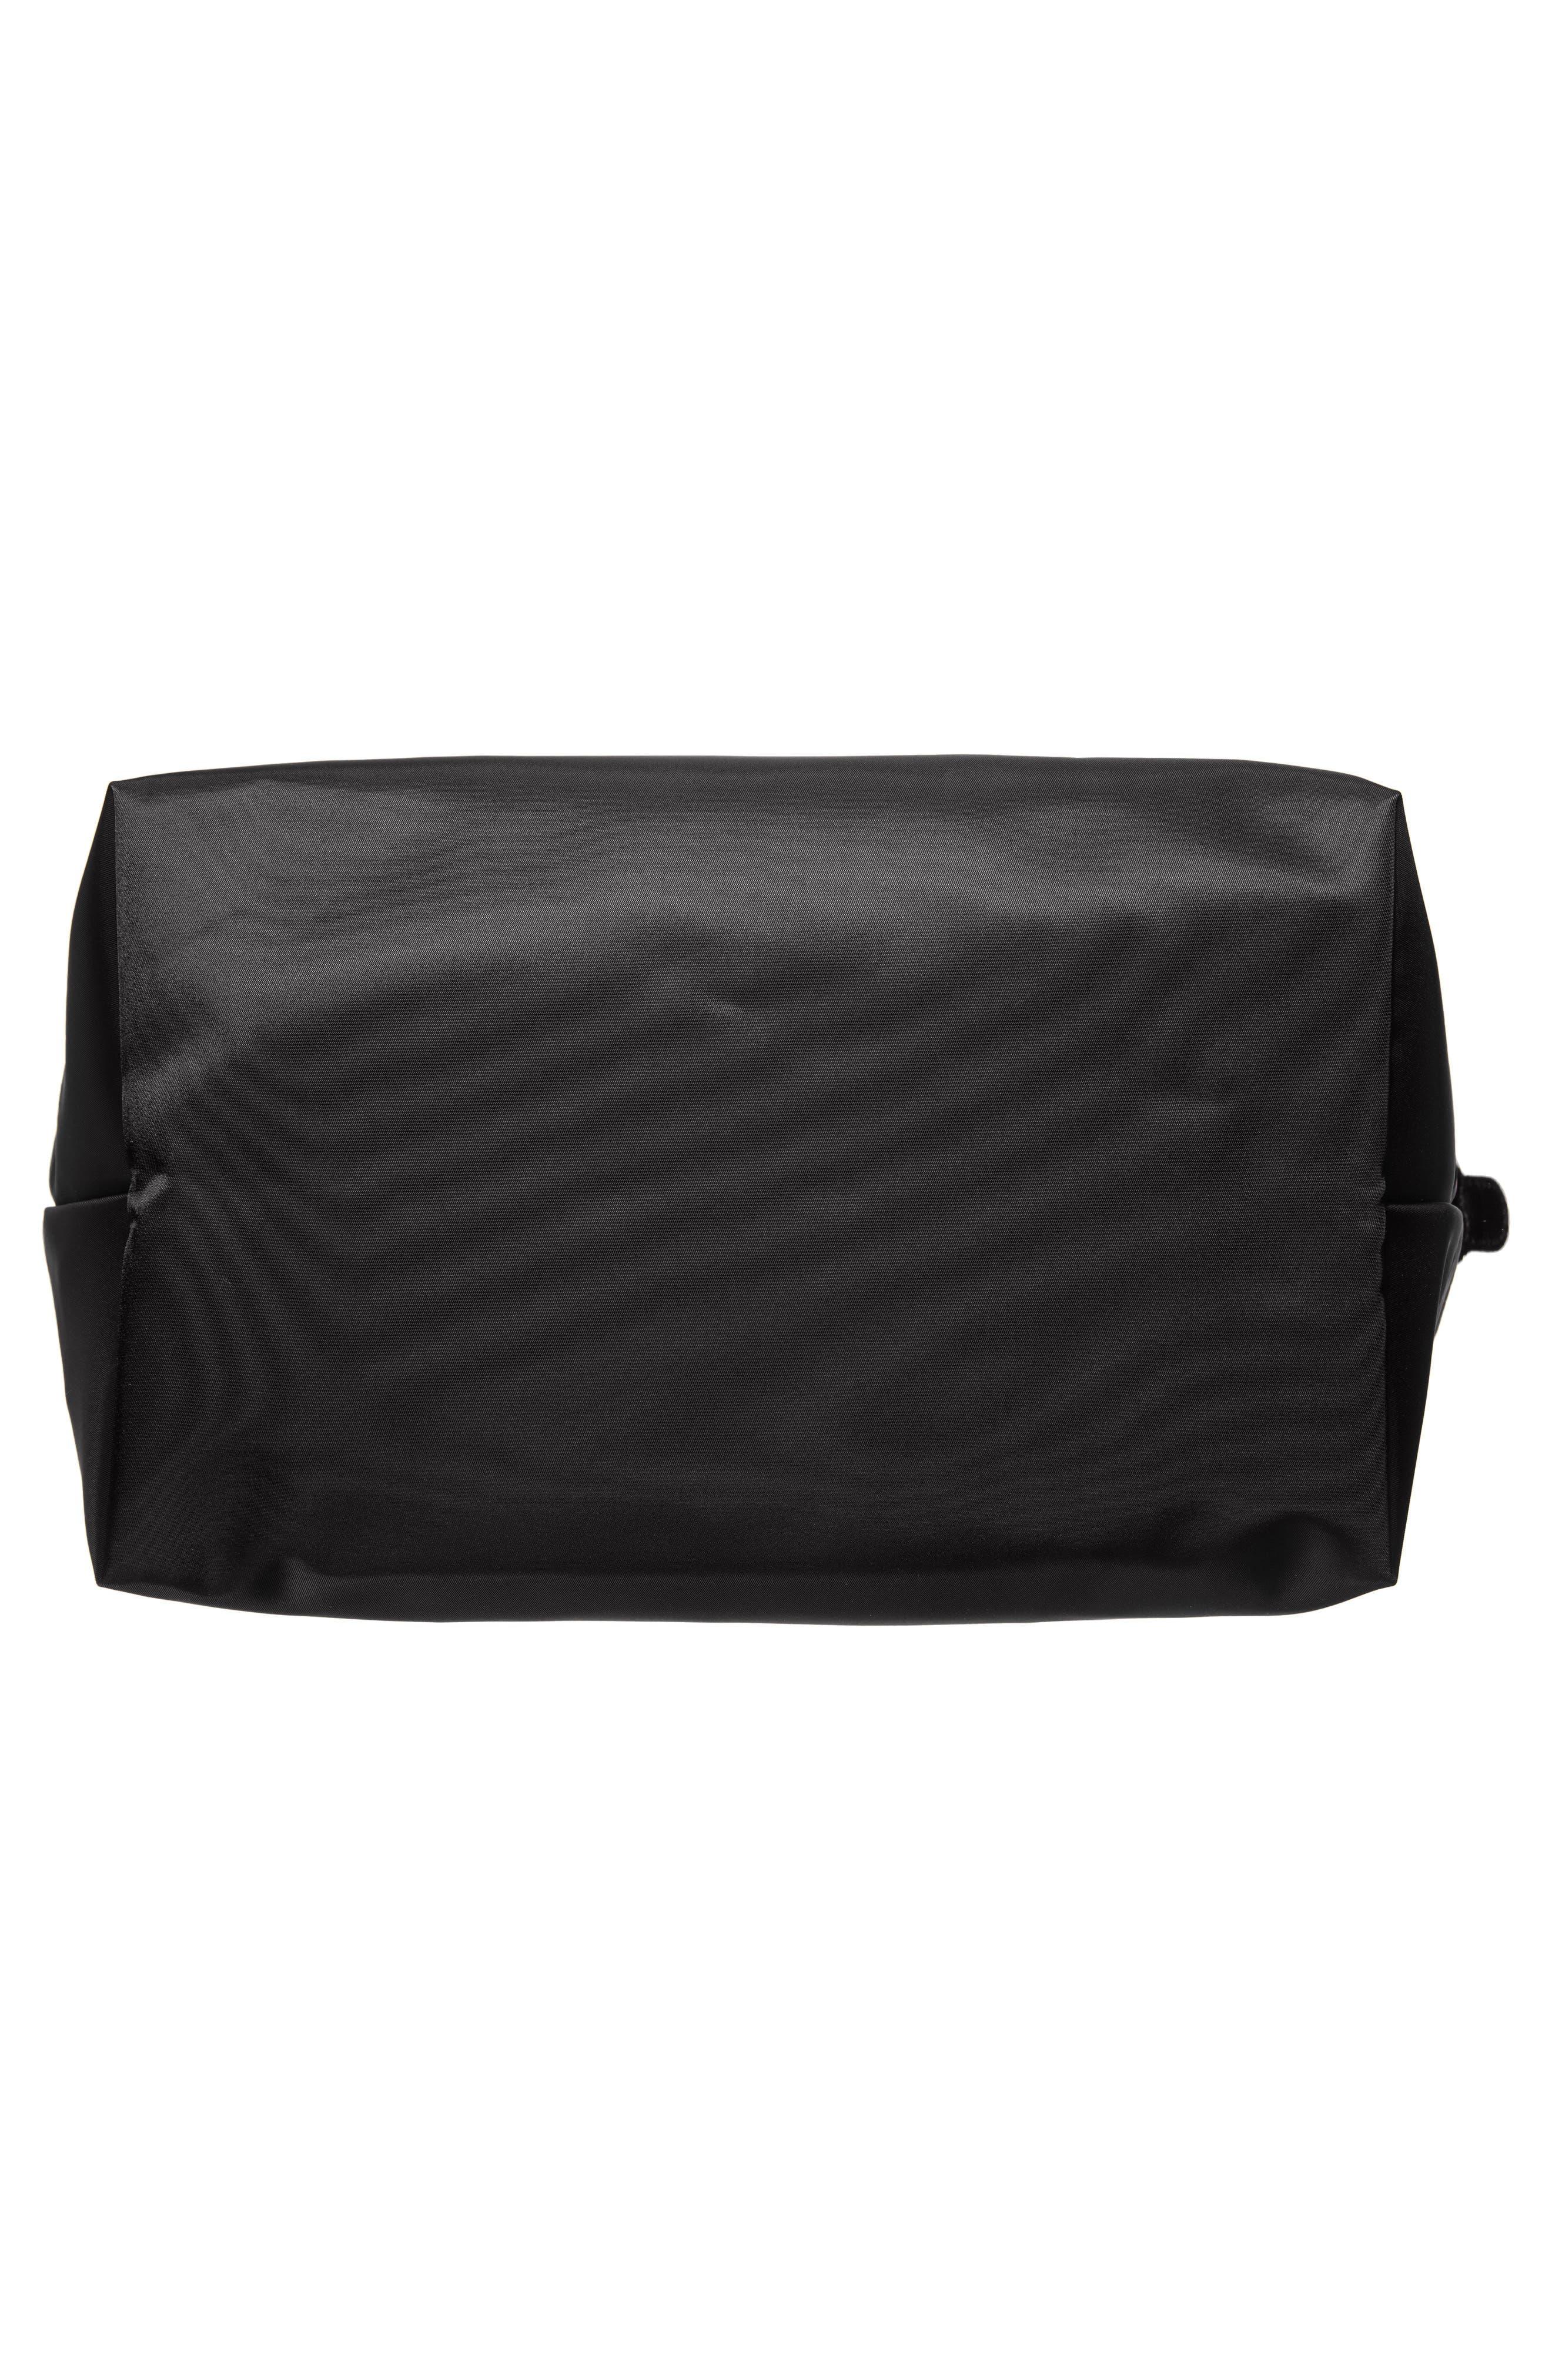 'Large Le Pliage Neo' Nylon Tote,                             Alternate thumbnail 4, color,                             BLACK